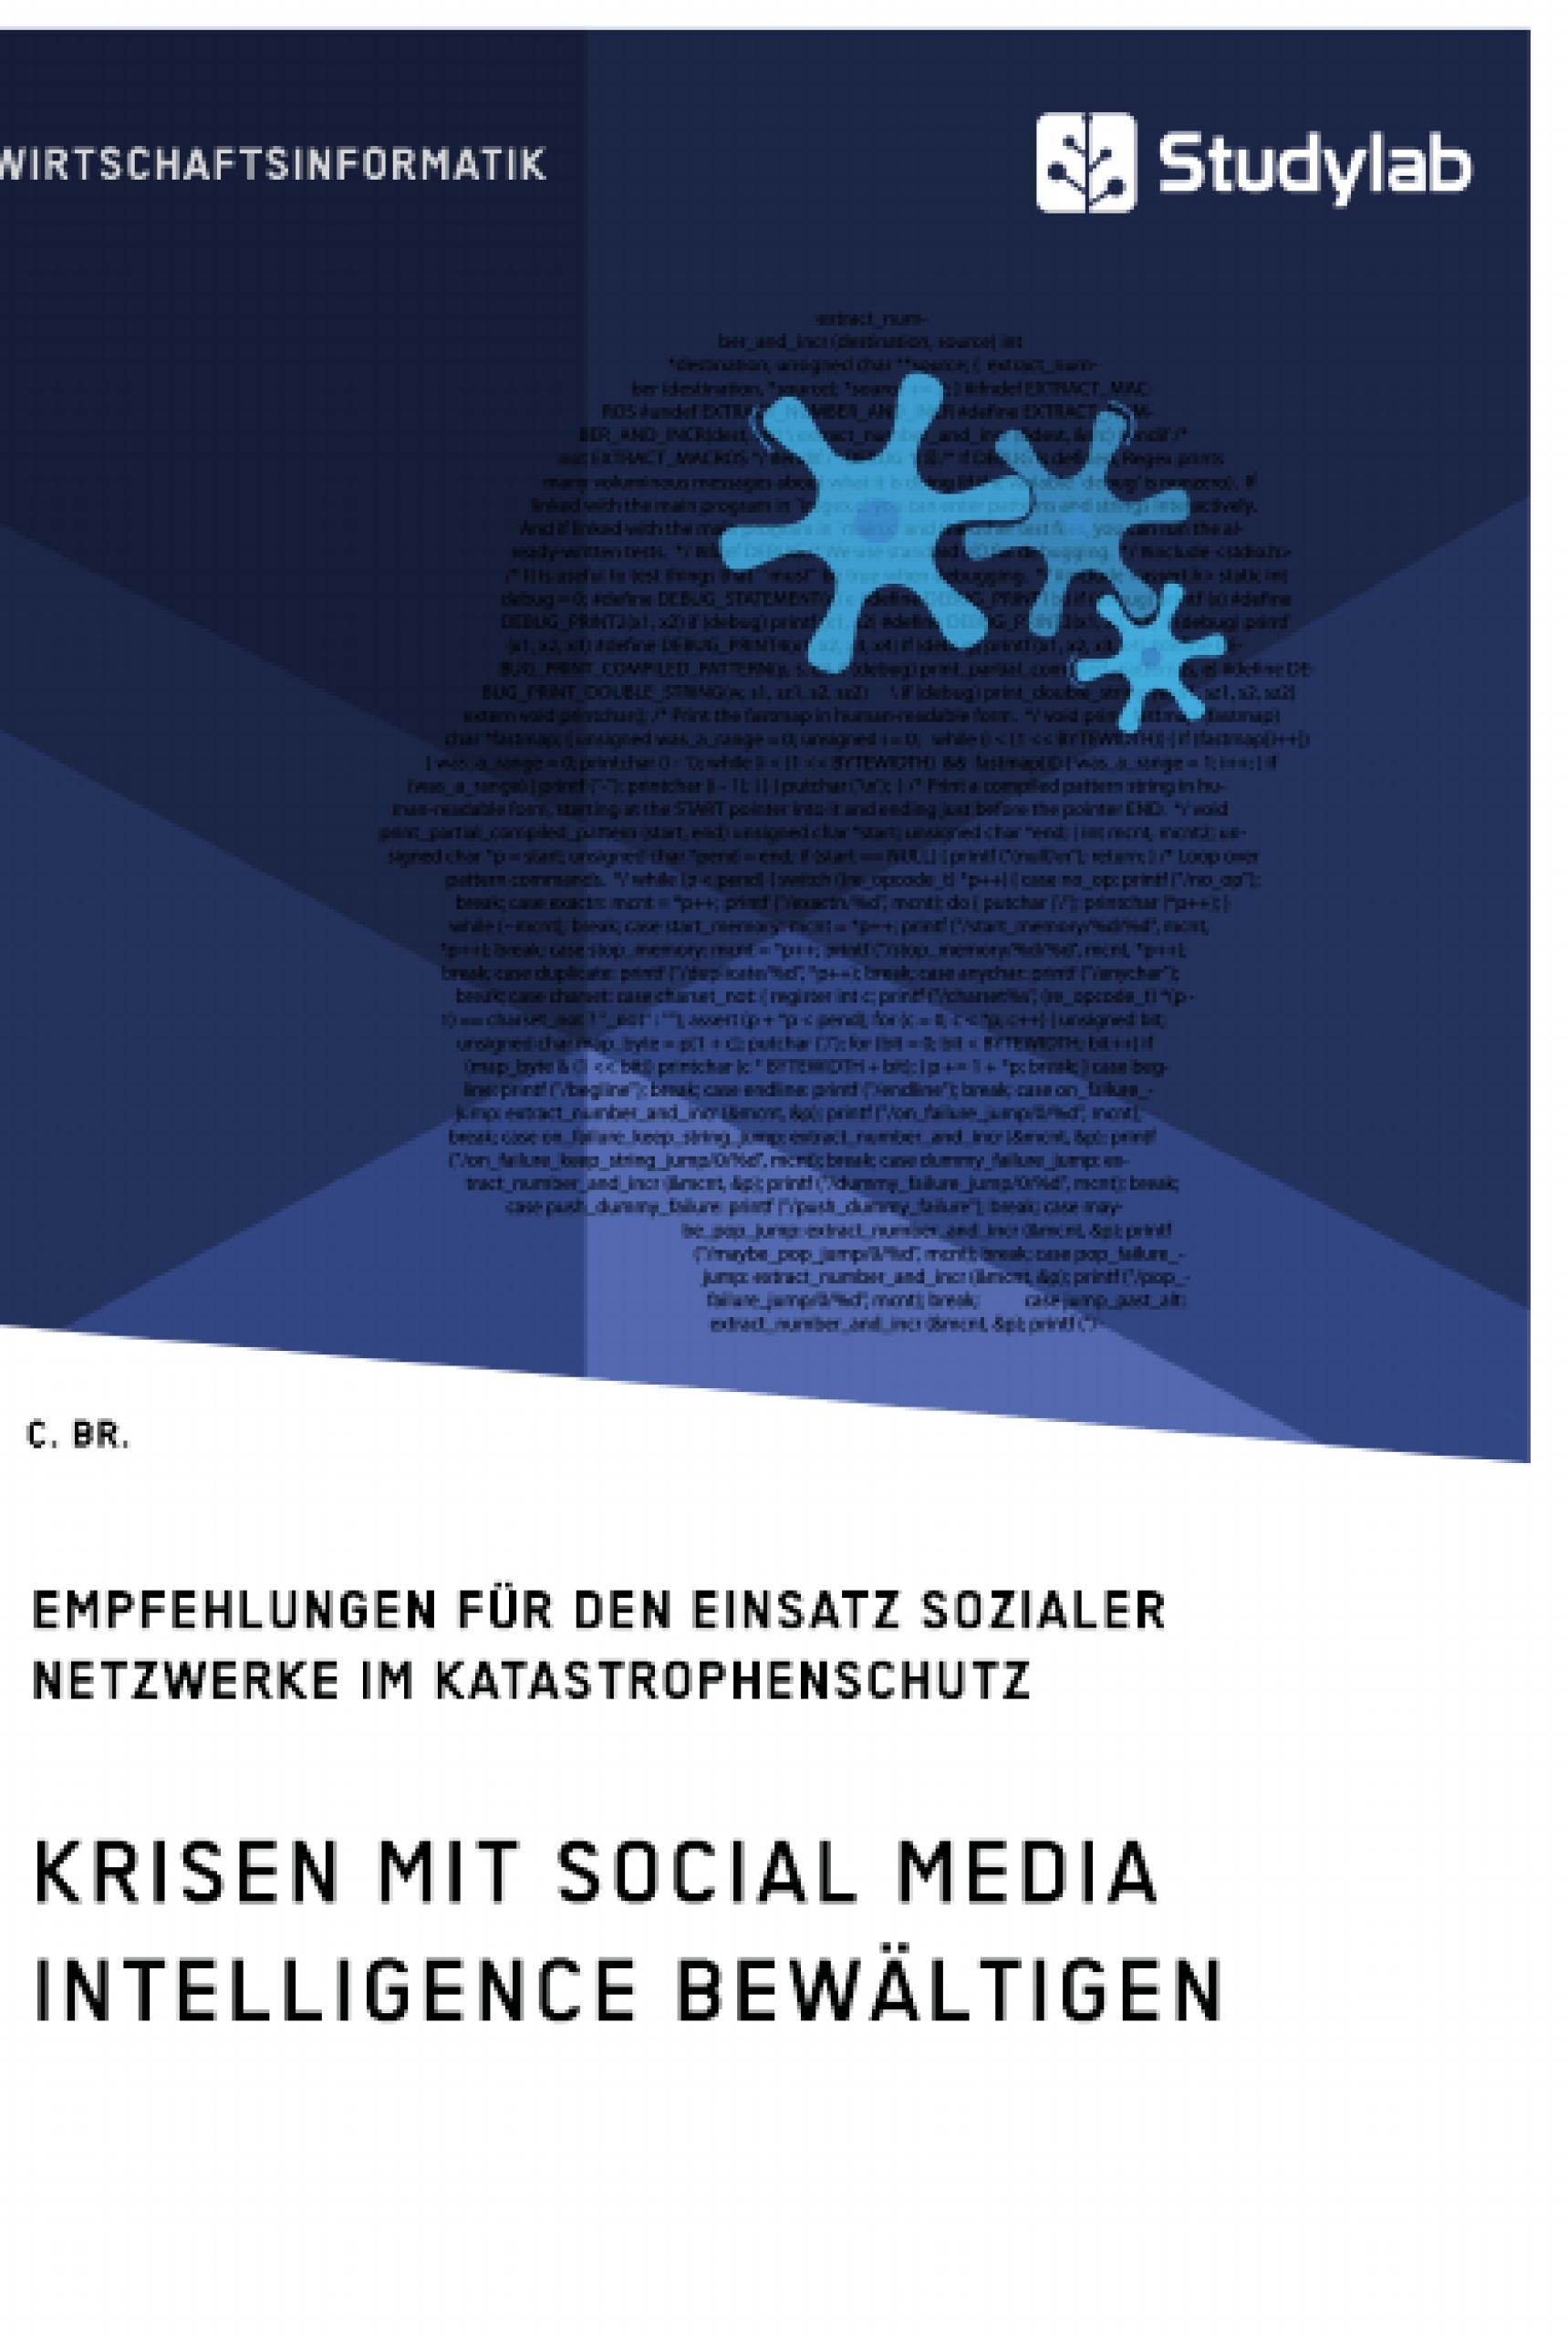 Titel: Krisen mit Social Media Intelligence bewältigen. Empfehlungen für den Einsatz sozialer Netzwerke im Katastrophenschutz